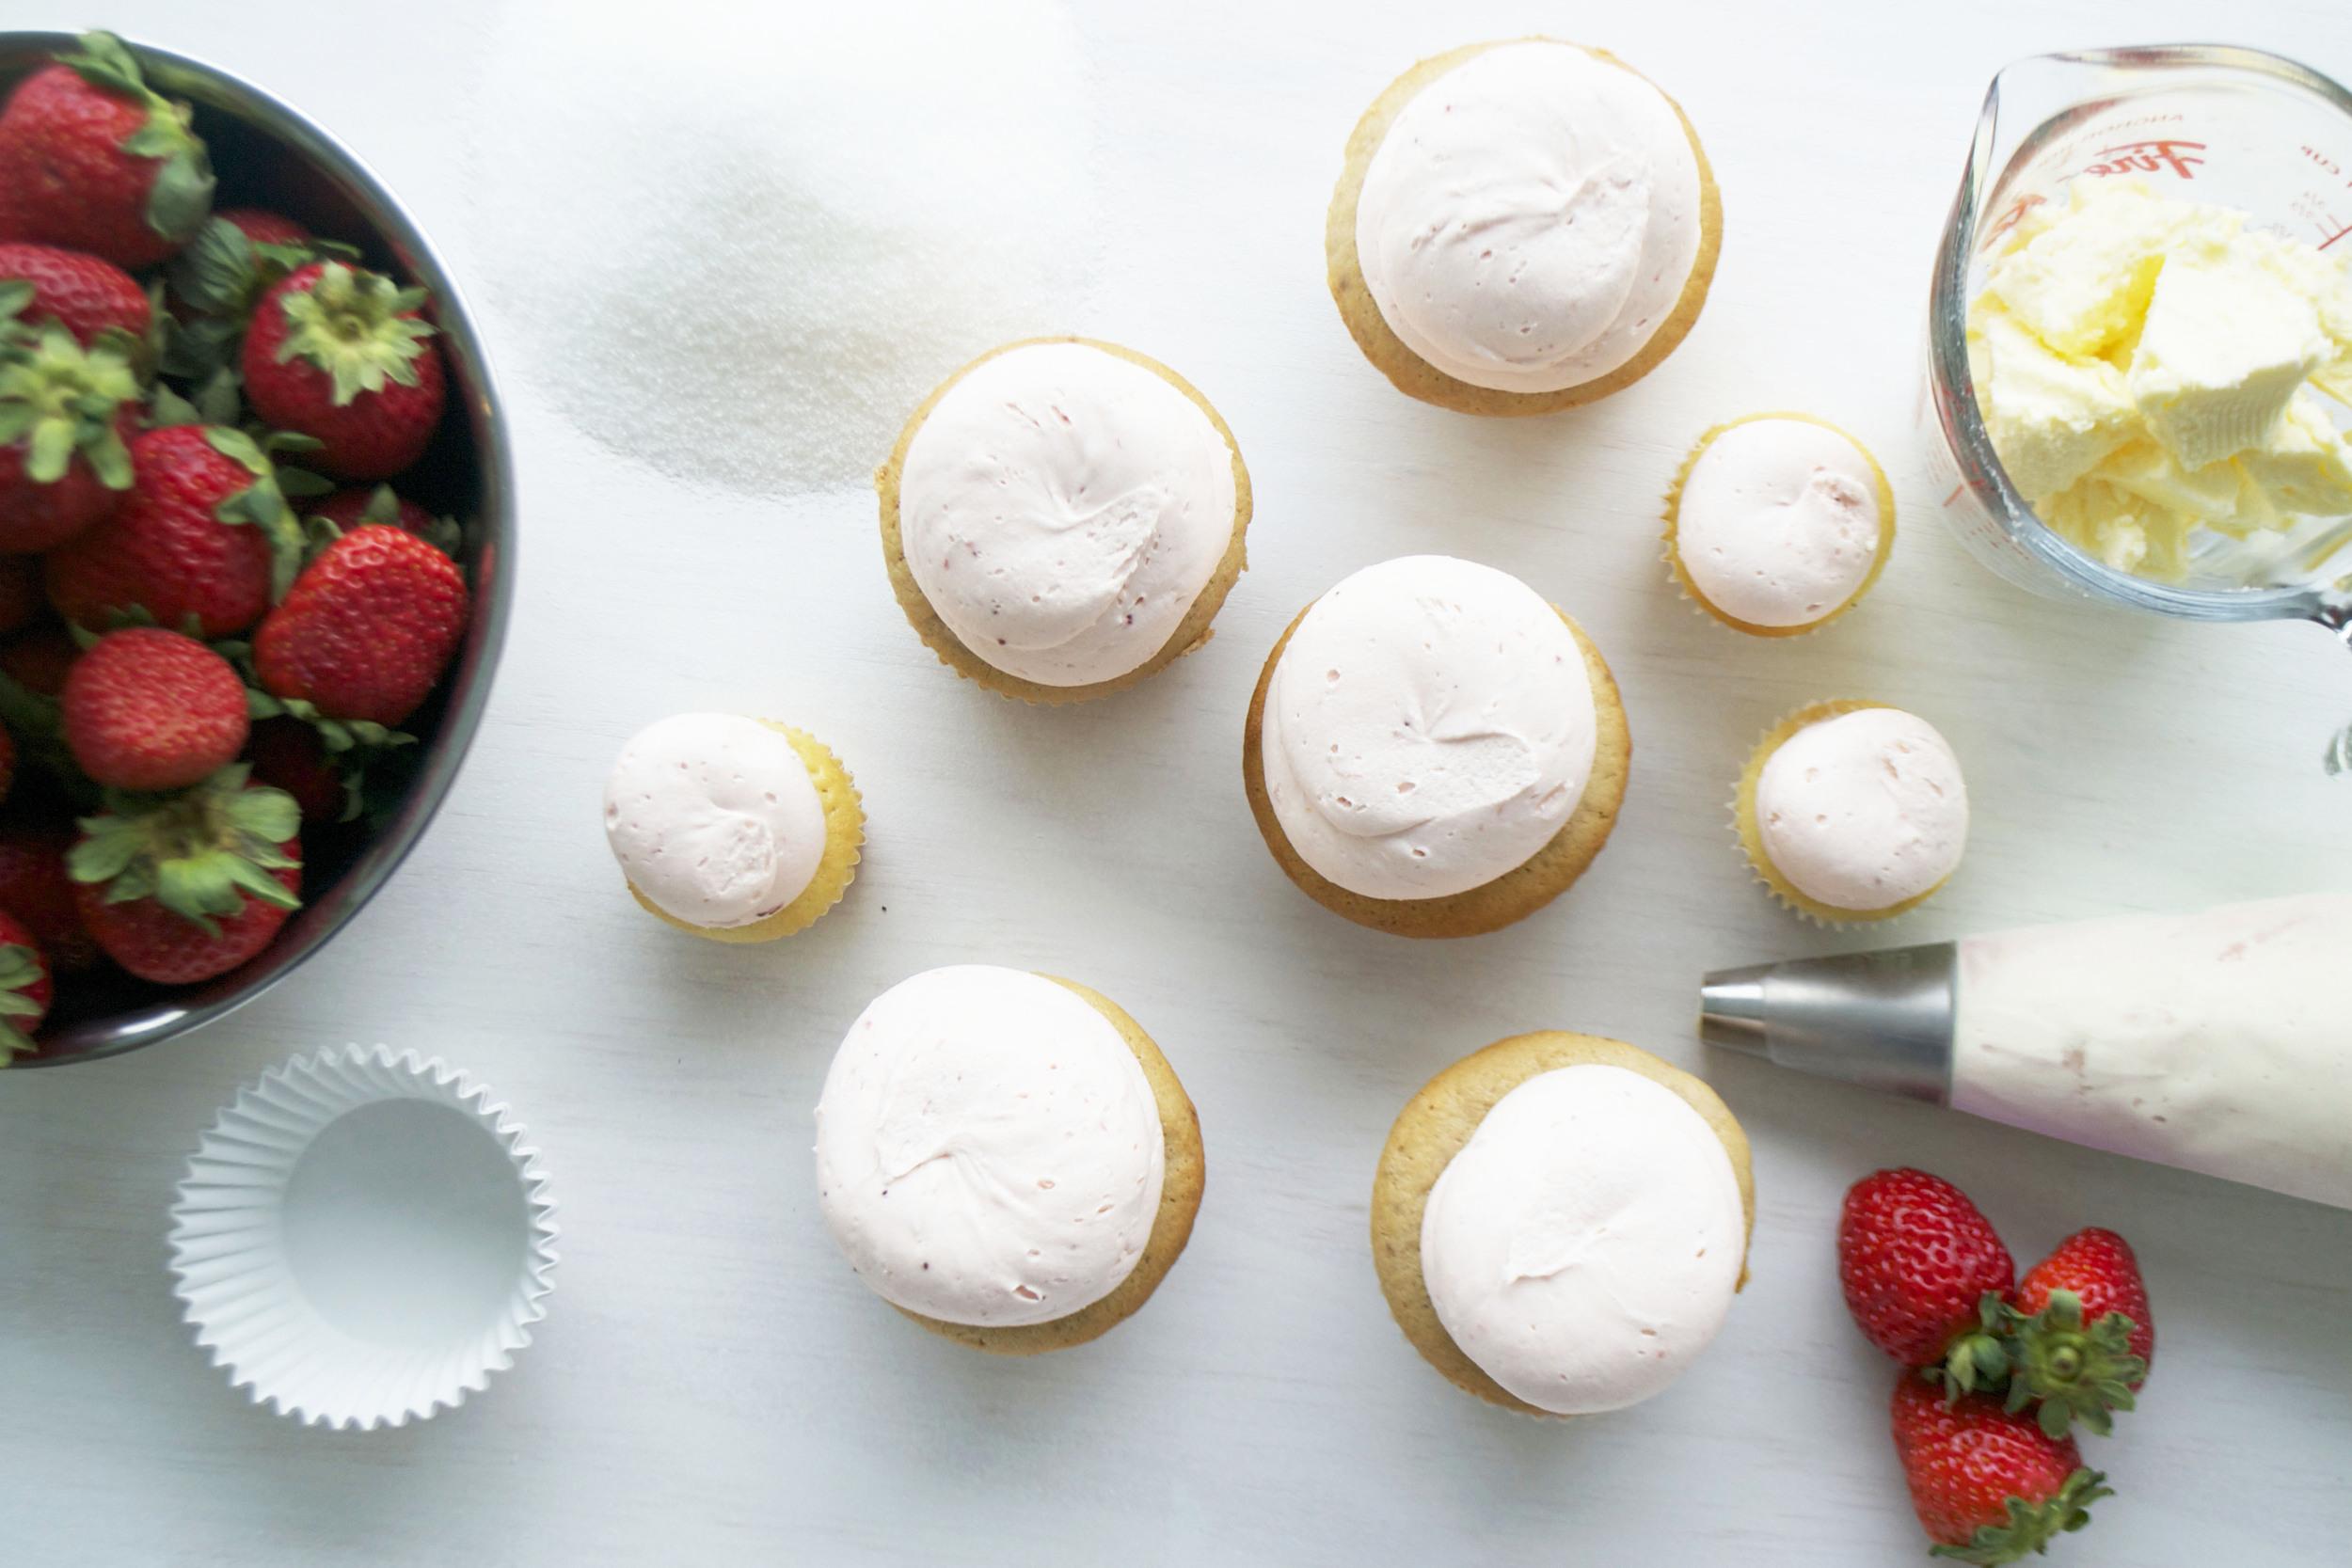 bake toronto bake toronto strawberry cupcakes ingredients butter pink icing jpg